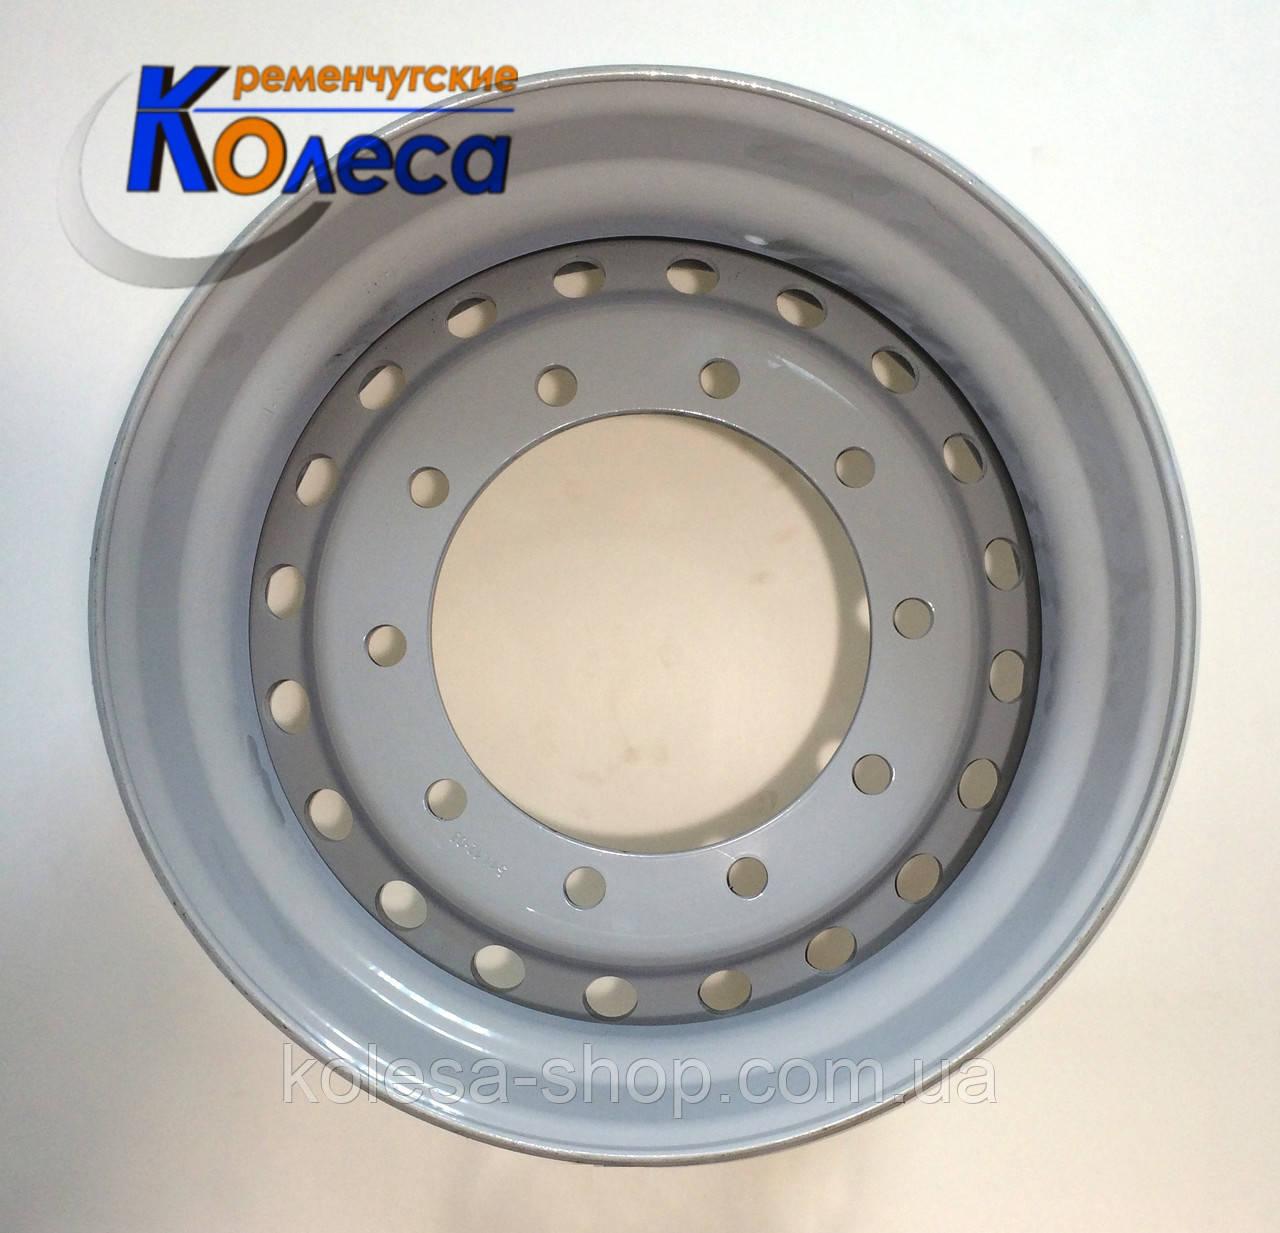 Колесный диск R22.5x11,75 крепеж 10x335 для прицепов, барабанный тормоз, Кременчуг - ООО КРЕМЕНЧУГСКИЕ КОЛЕСА  в Кременчуге